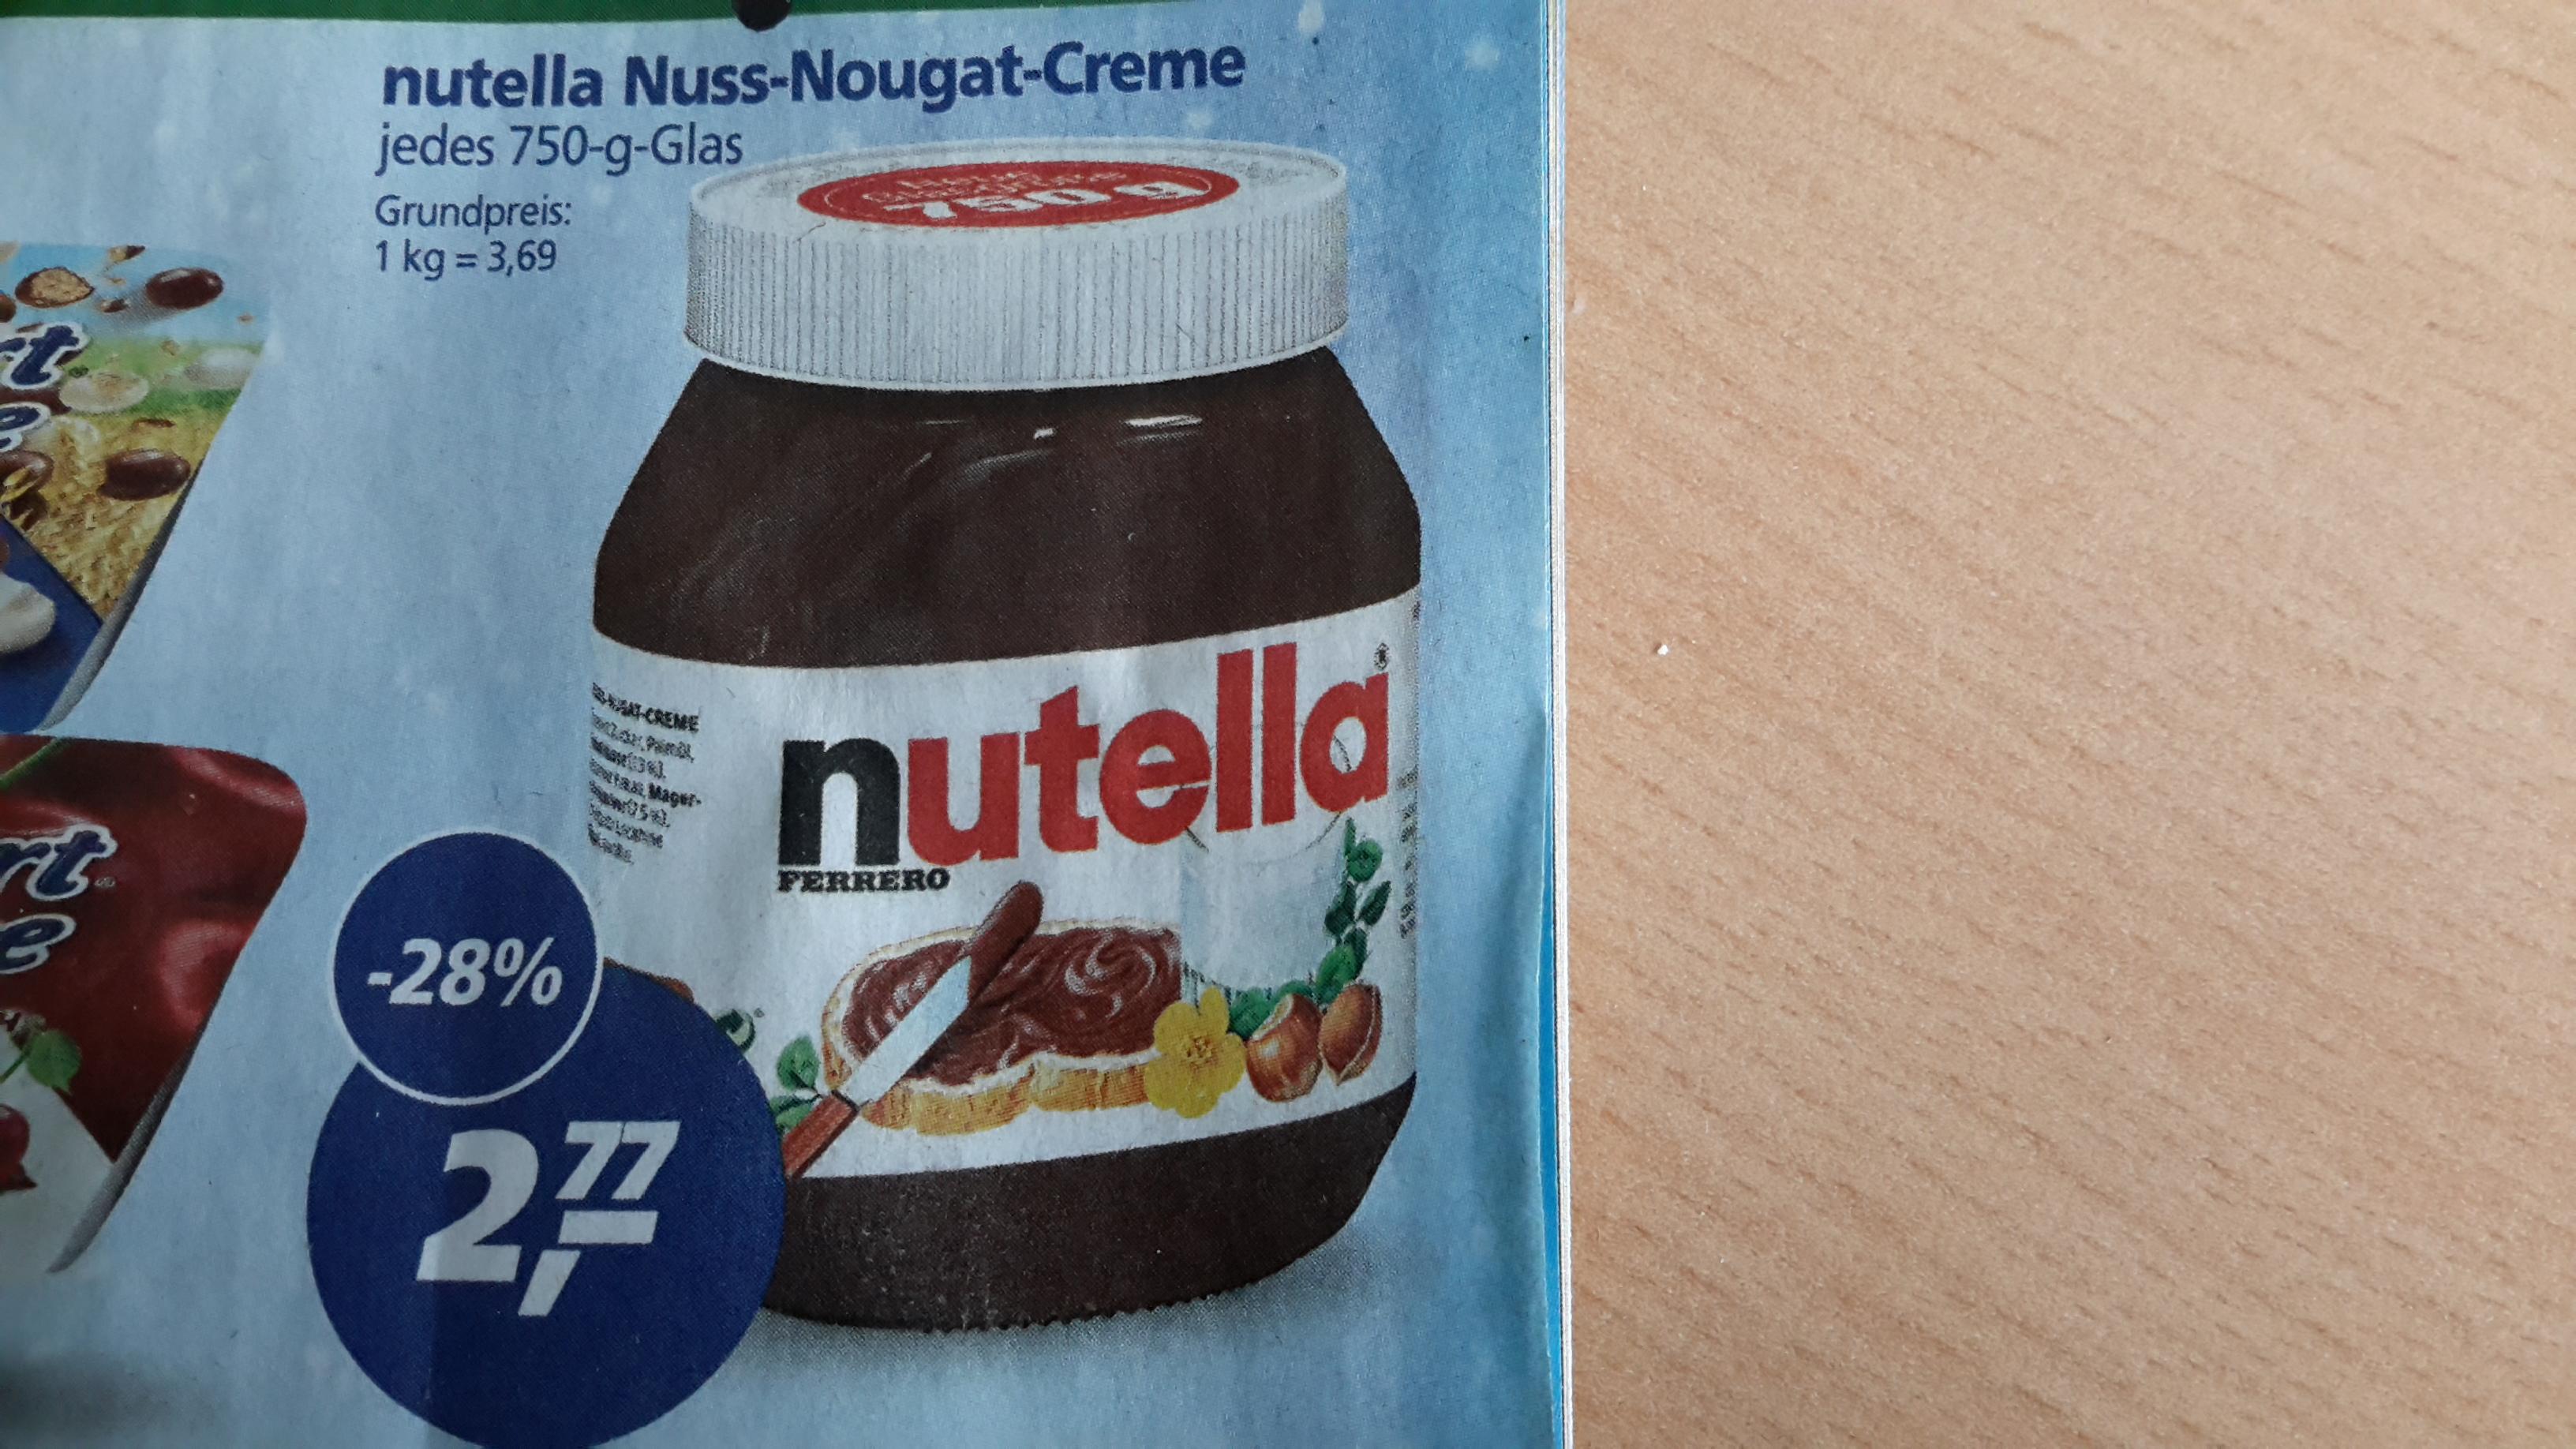 [Real] Nutella 750 Gramm für 2,77 € ab 16.01.17